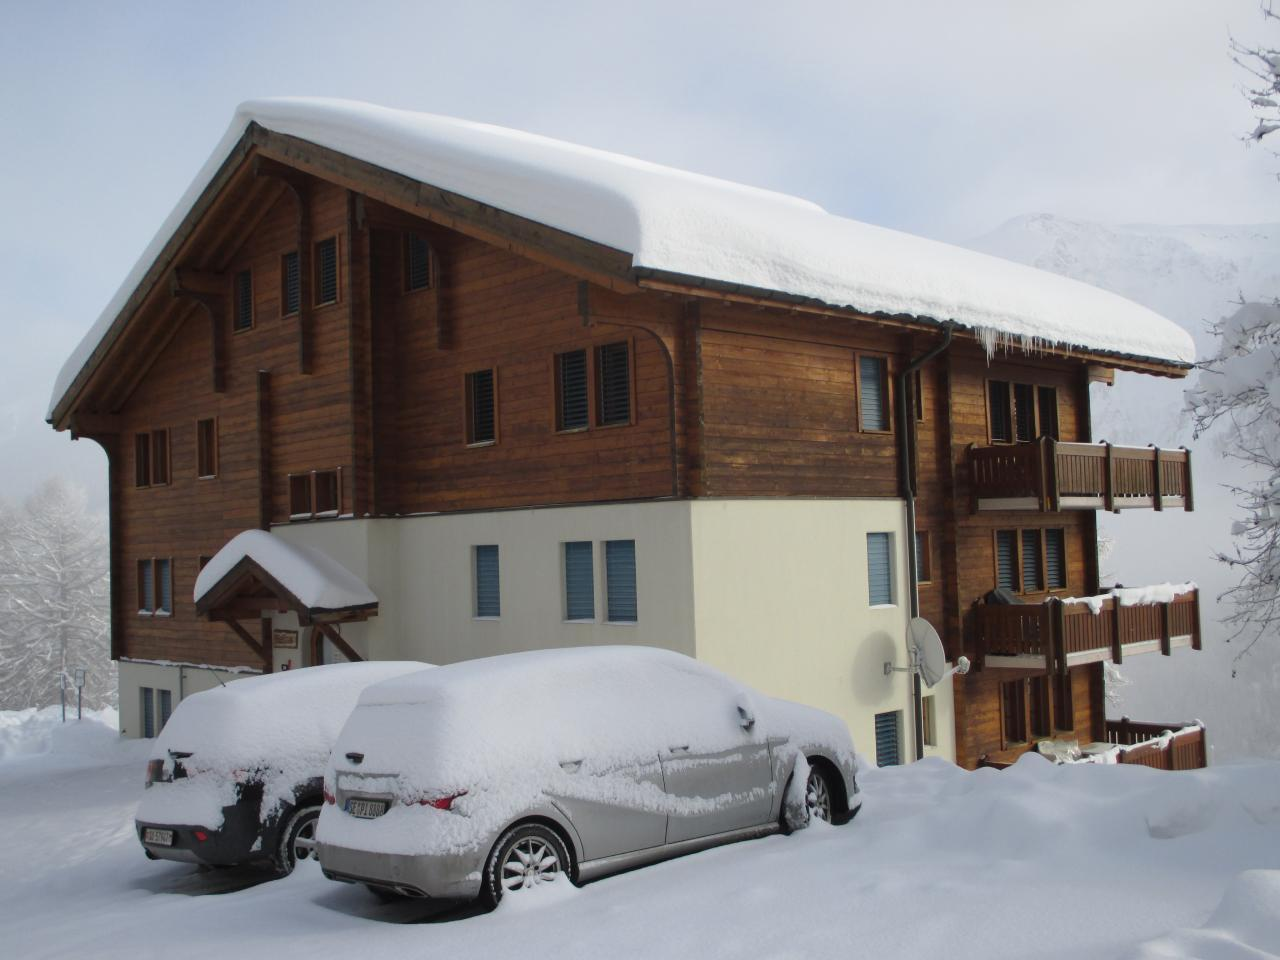 Appartement de vacances Fewo Belstar DG West (2542780), Bellwald, Aletsch - Conches, Valais, Suisse, image 3